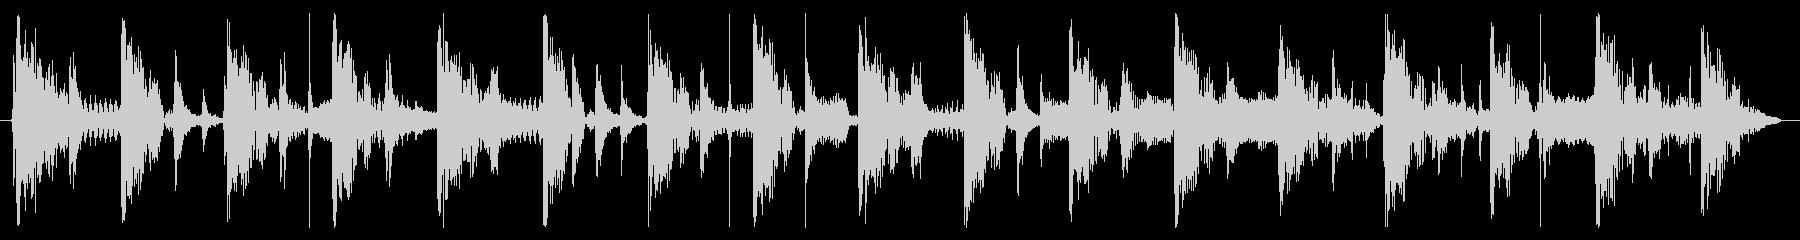 ベース生演奏のクールスラップジングル03の未再生の波形